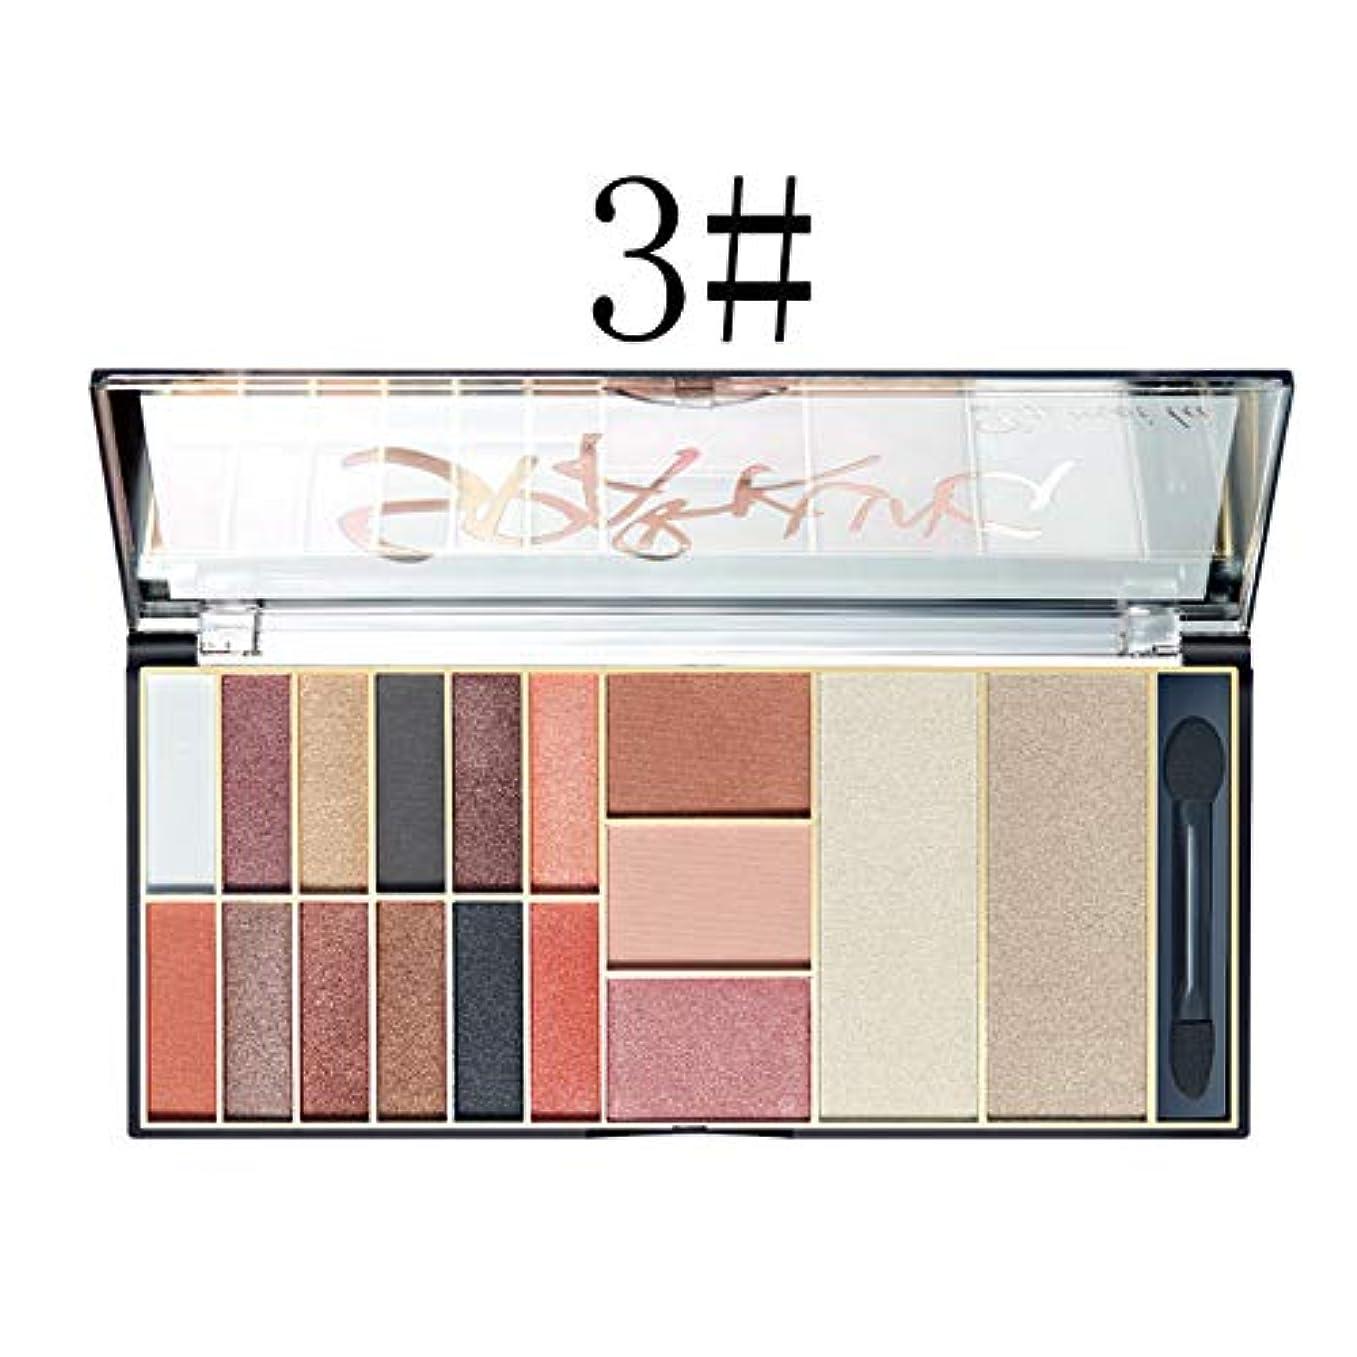 課税永続万歳Akane アイシャドウパレット SPARKUNG ファッション 魅力的 スモーキー プロ 高級 自然 美しい 防水 素敵 綺麗 持ち便利 日常 Eye Shadow (17色) 5011